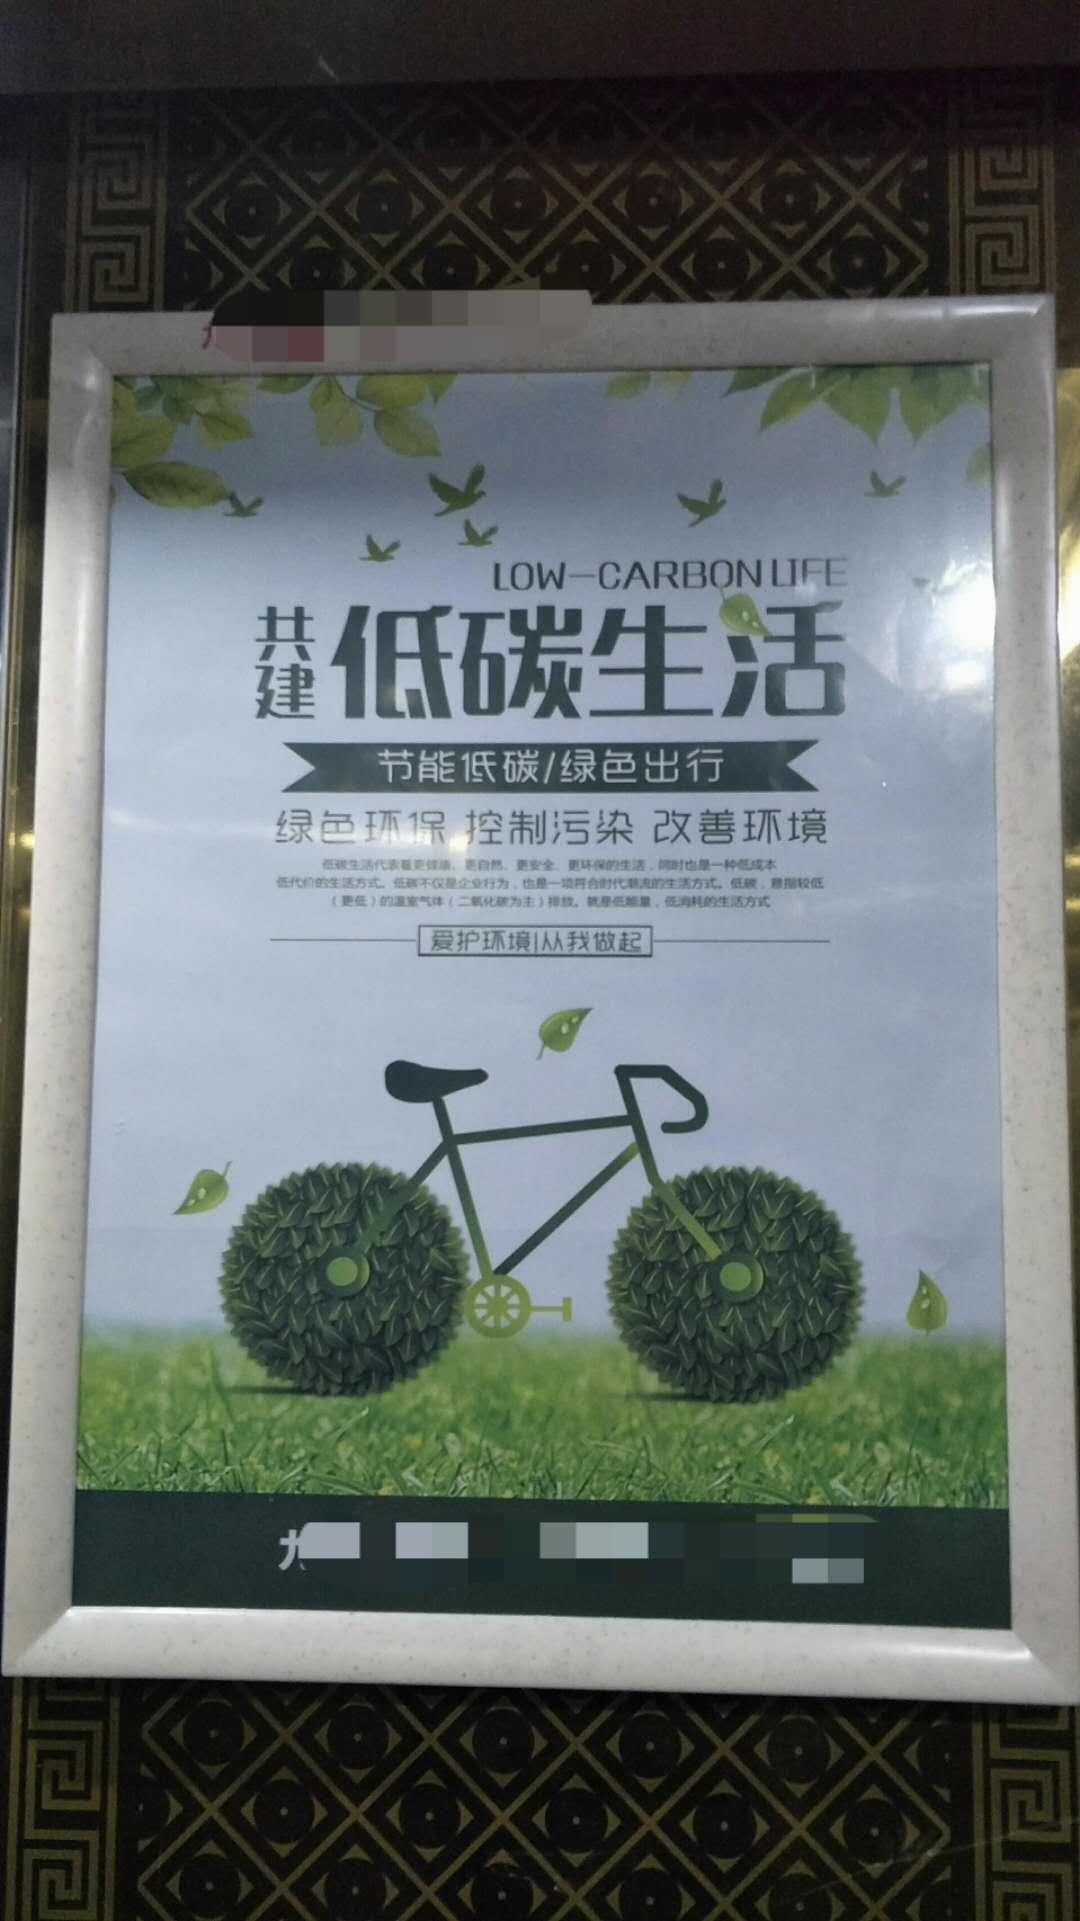 陕西省大荔县电梯广告